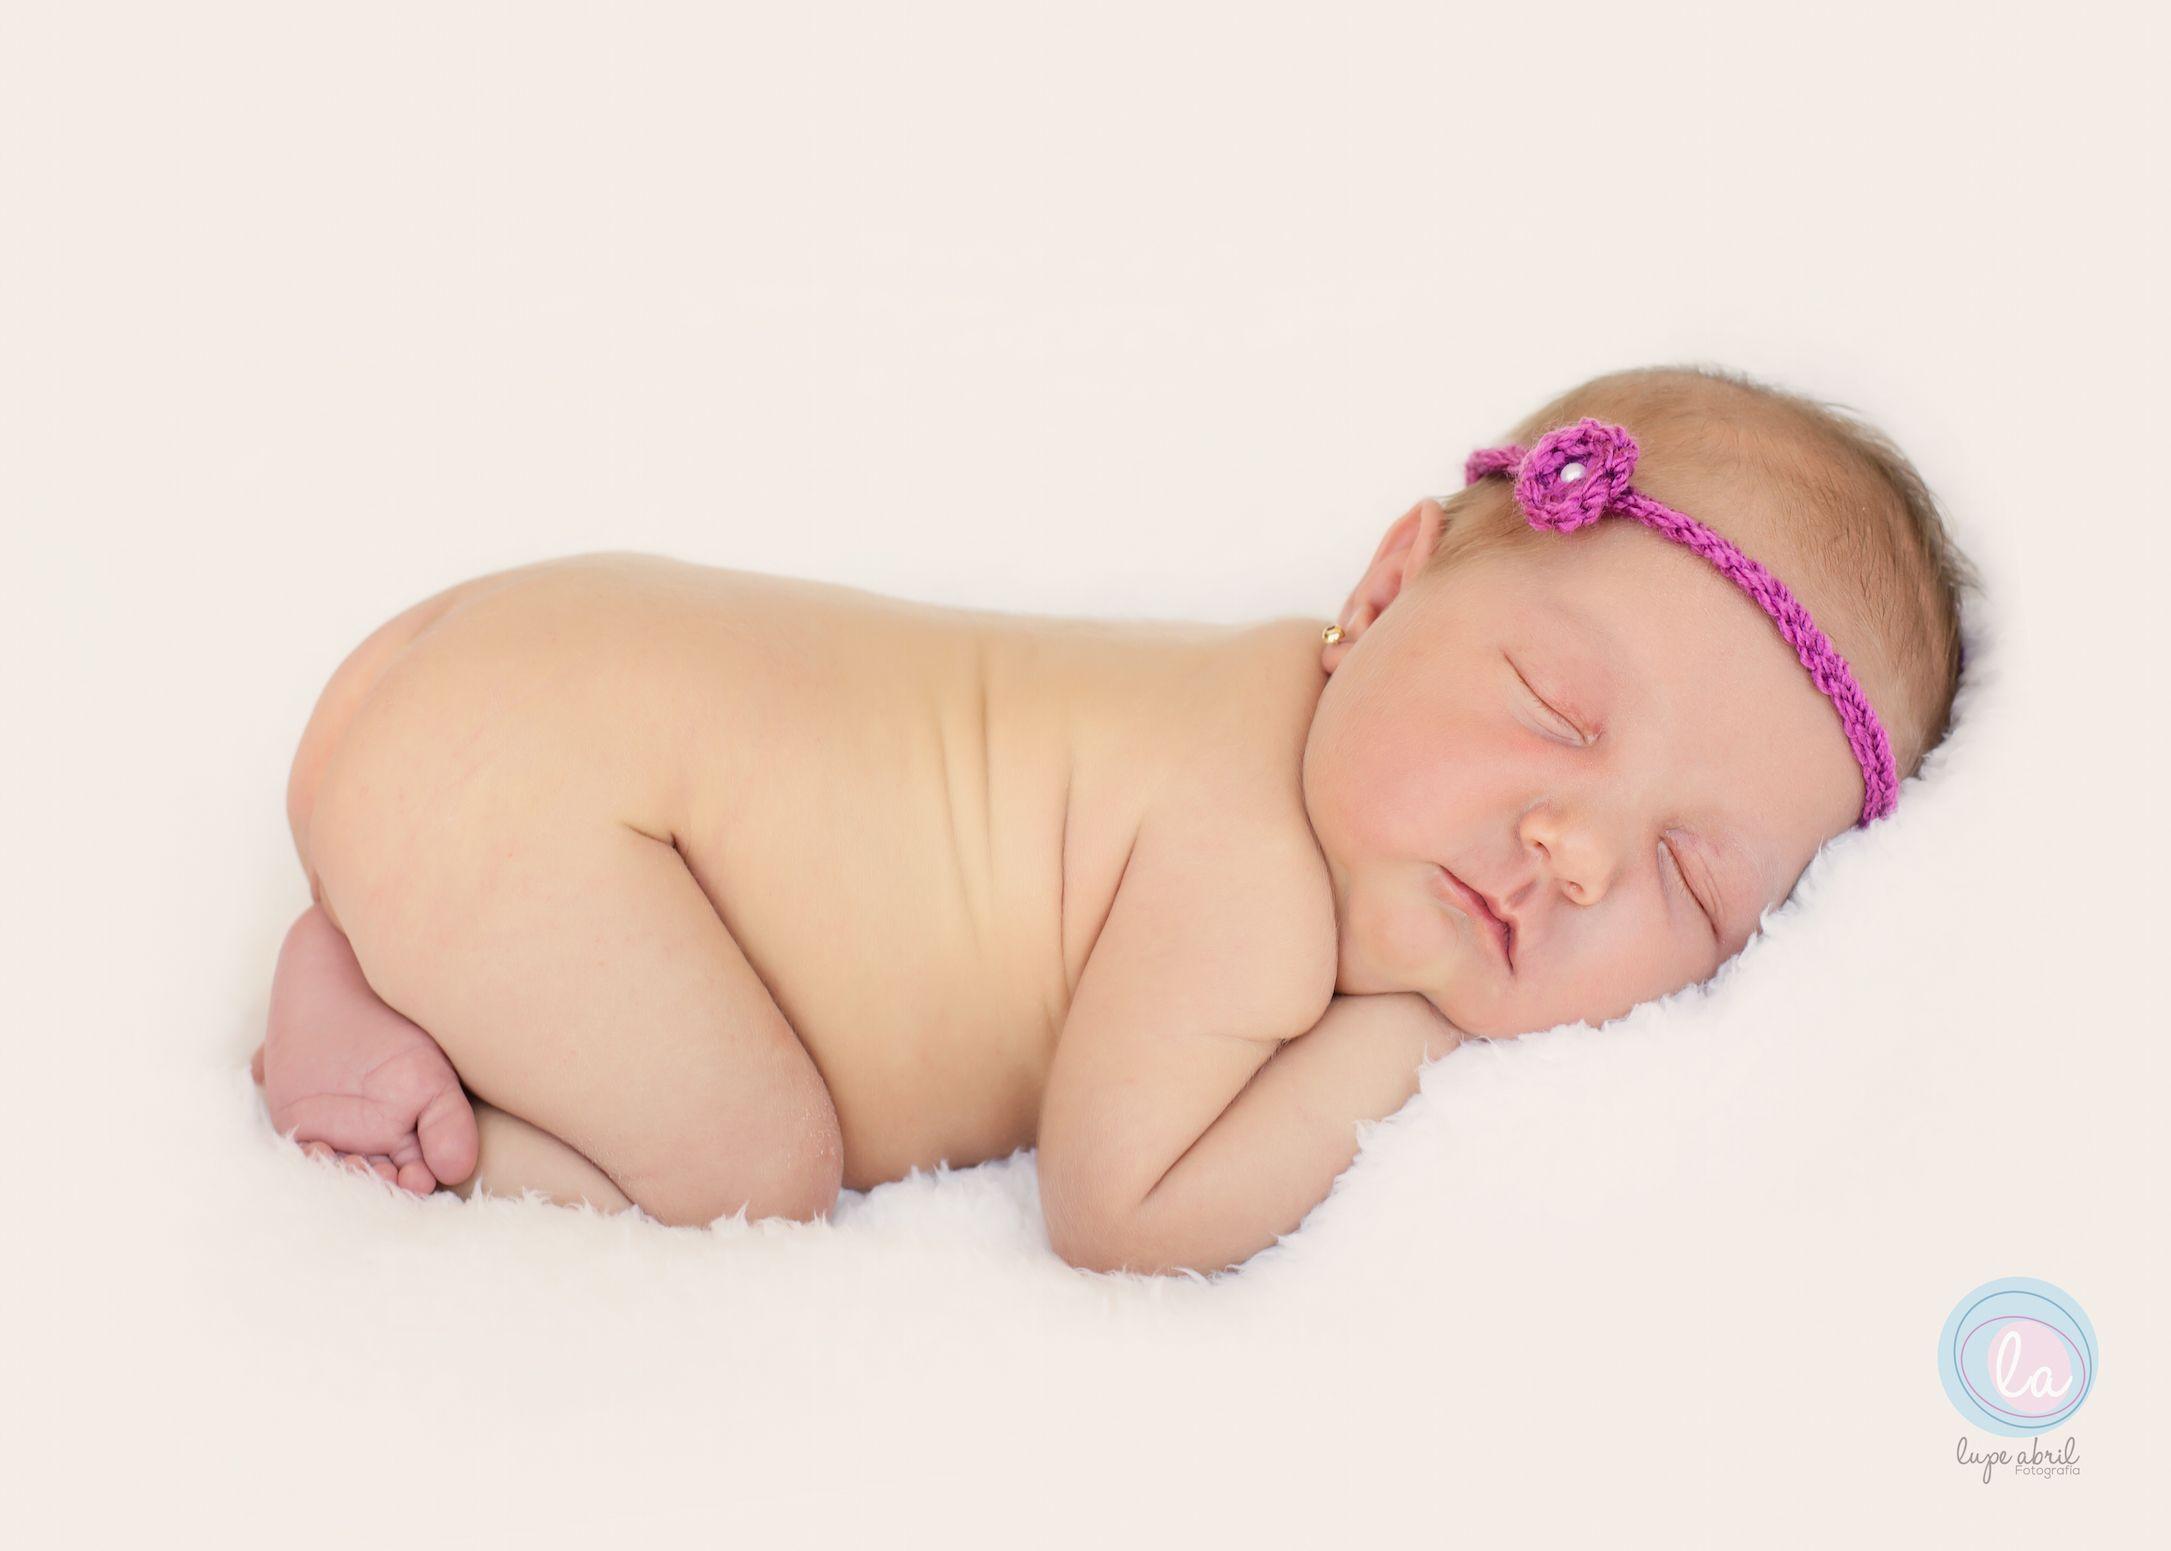 Sweet little baby!